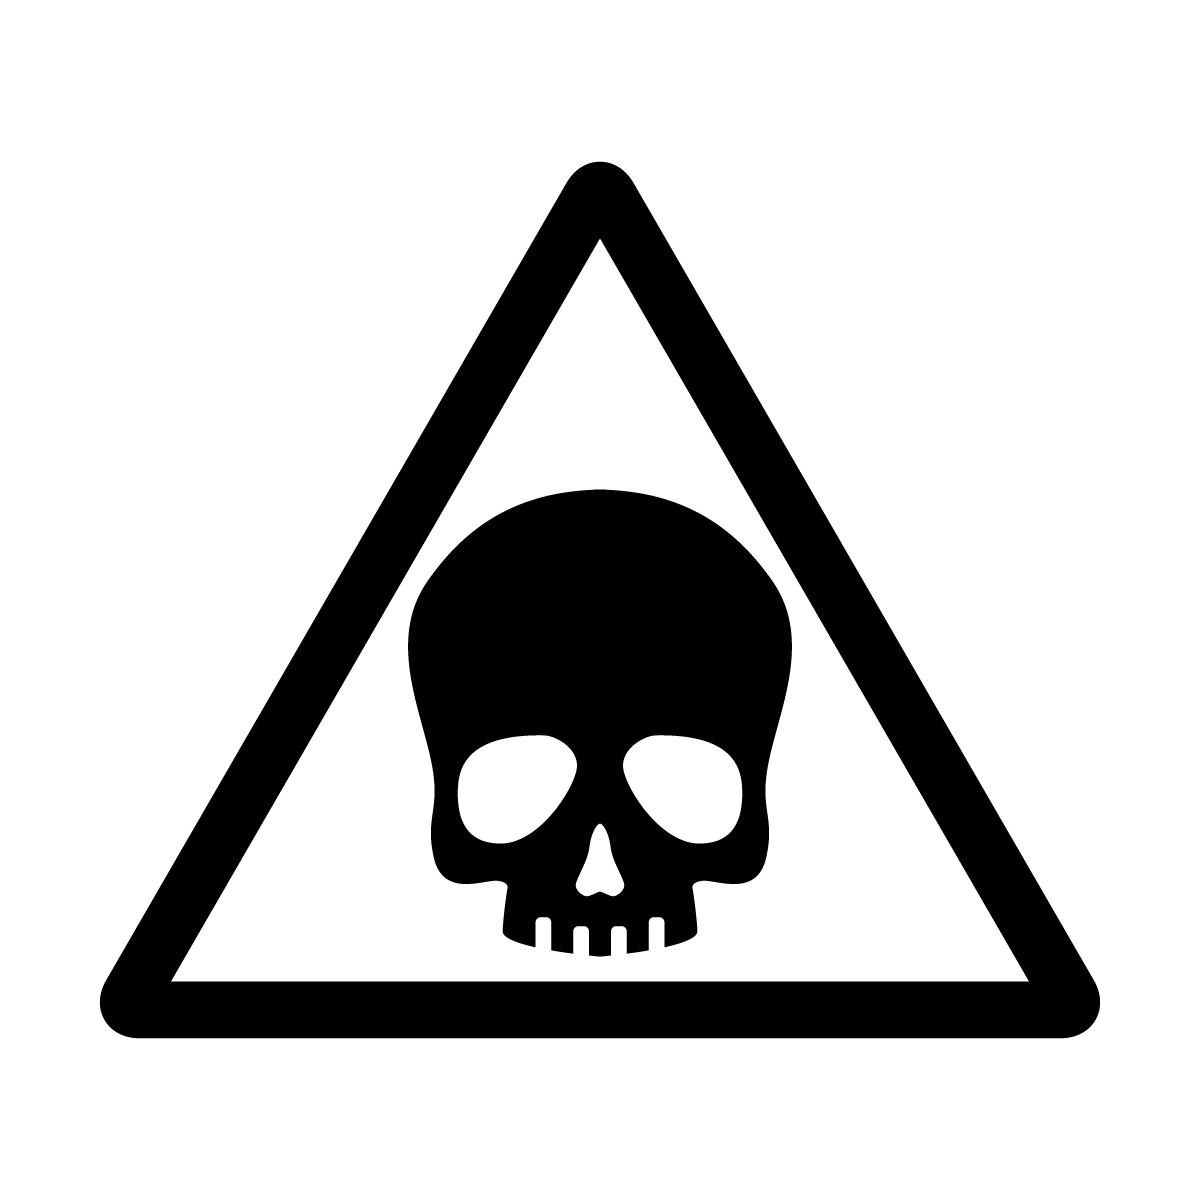 黒色のドクロ・有害・危険・猛毒・注意マークのカッティングステッカー・シール 光沢タイプ・防水・耐水・屋外耐候3~4年